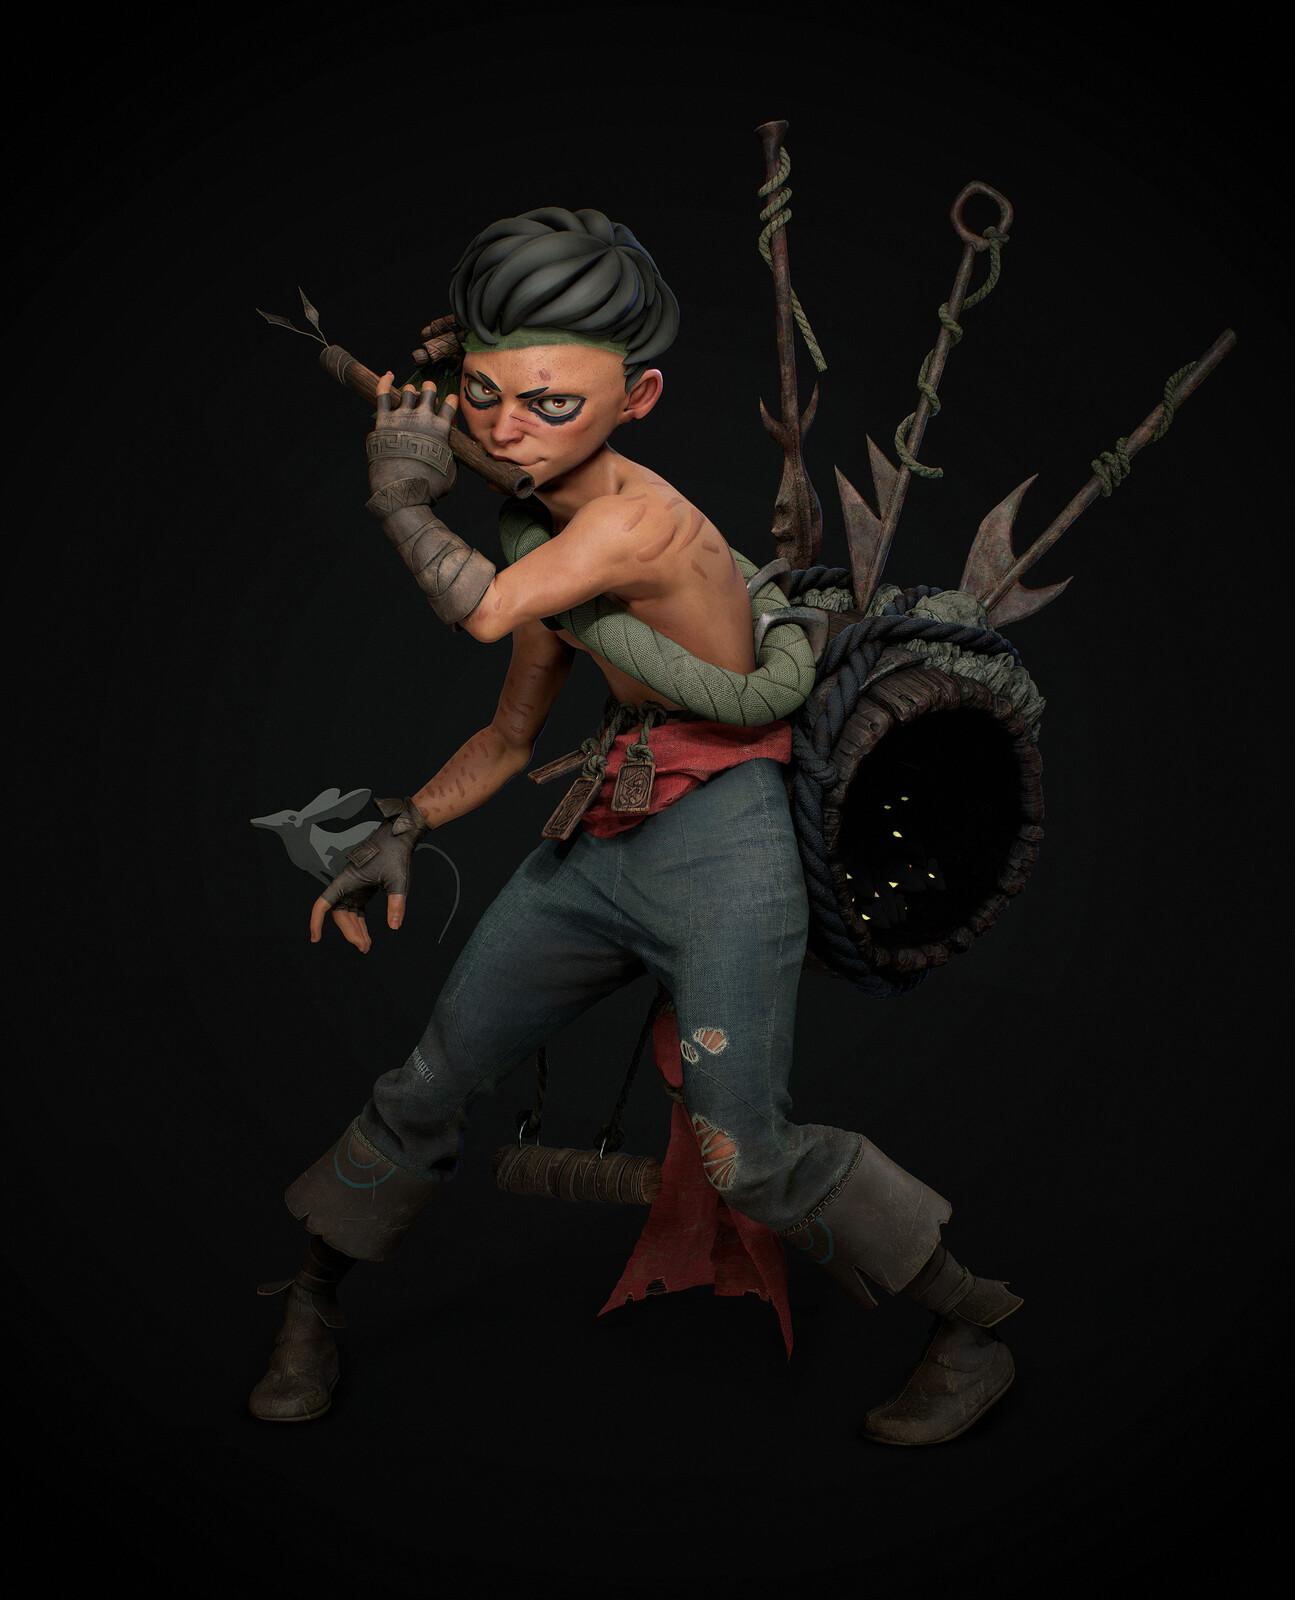 Piper the boy